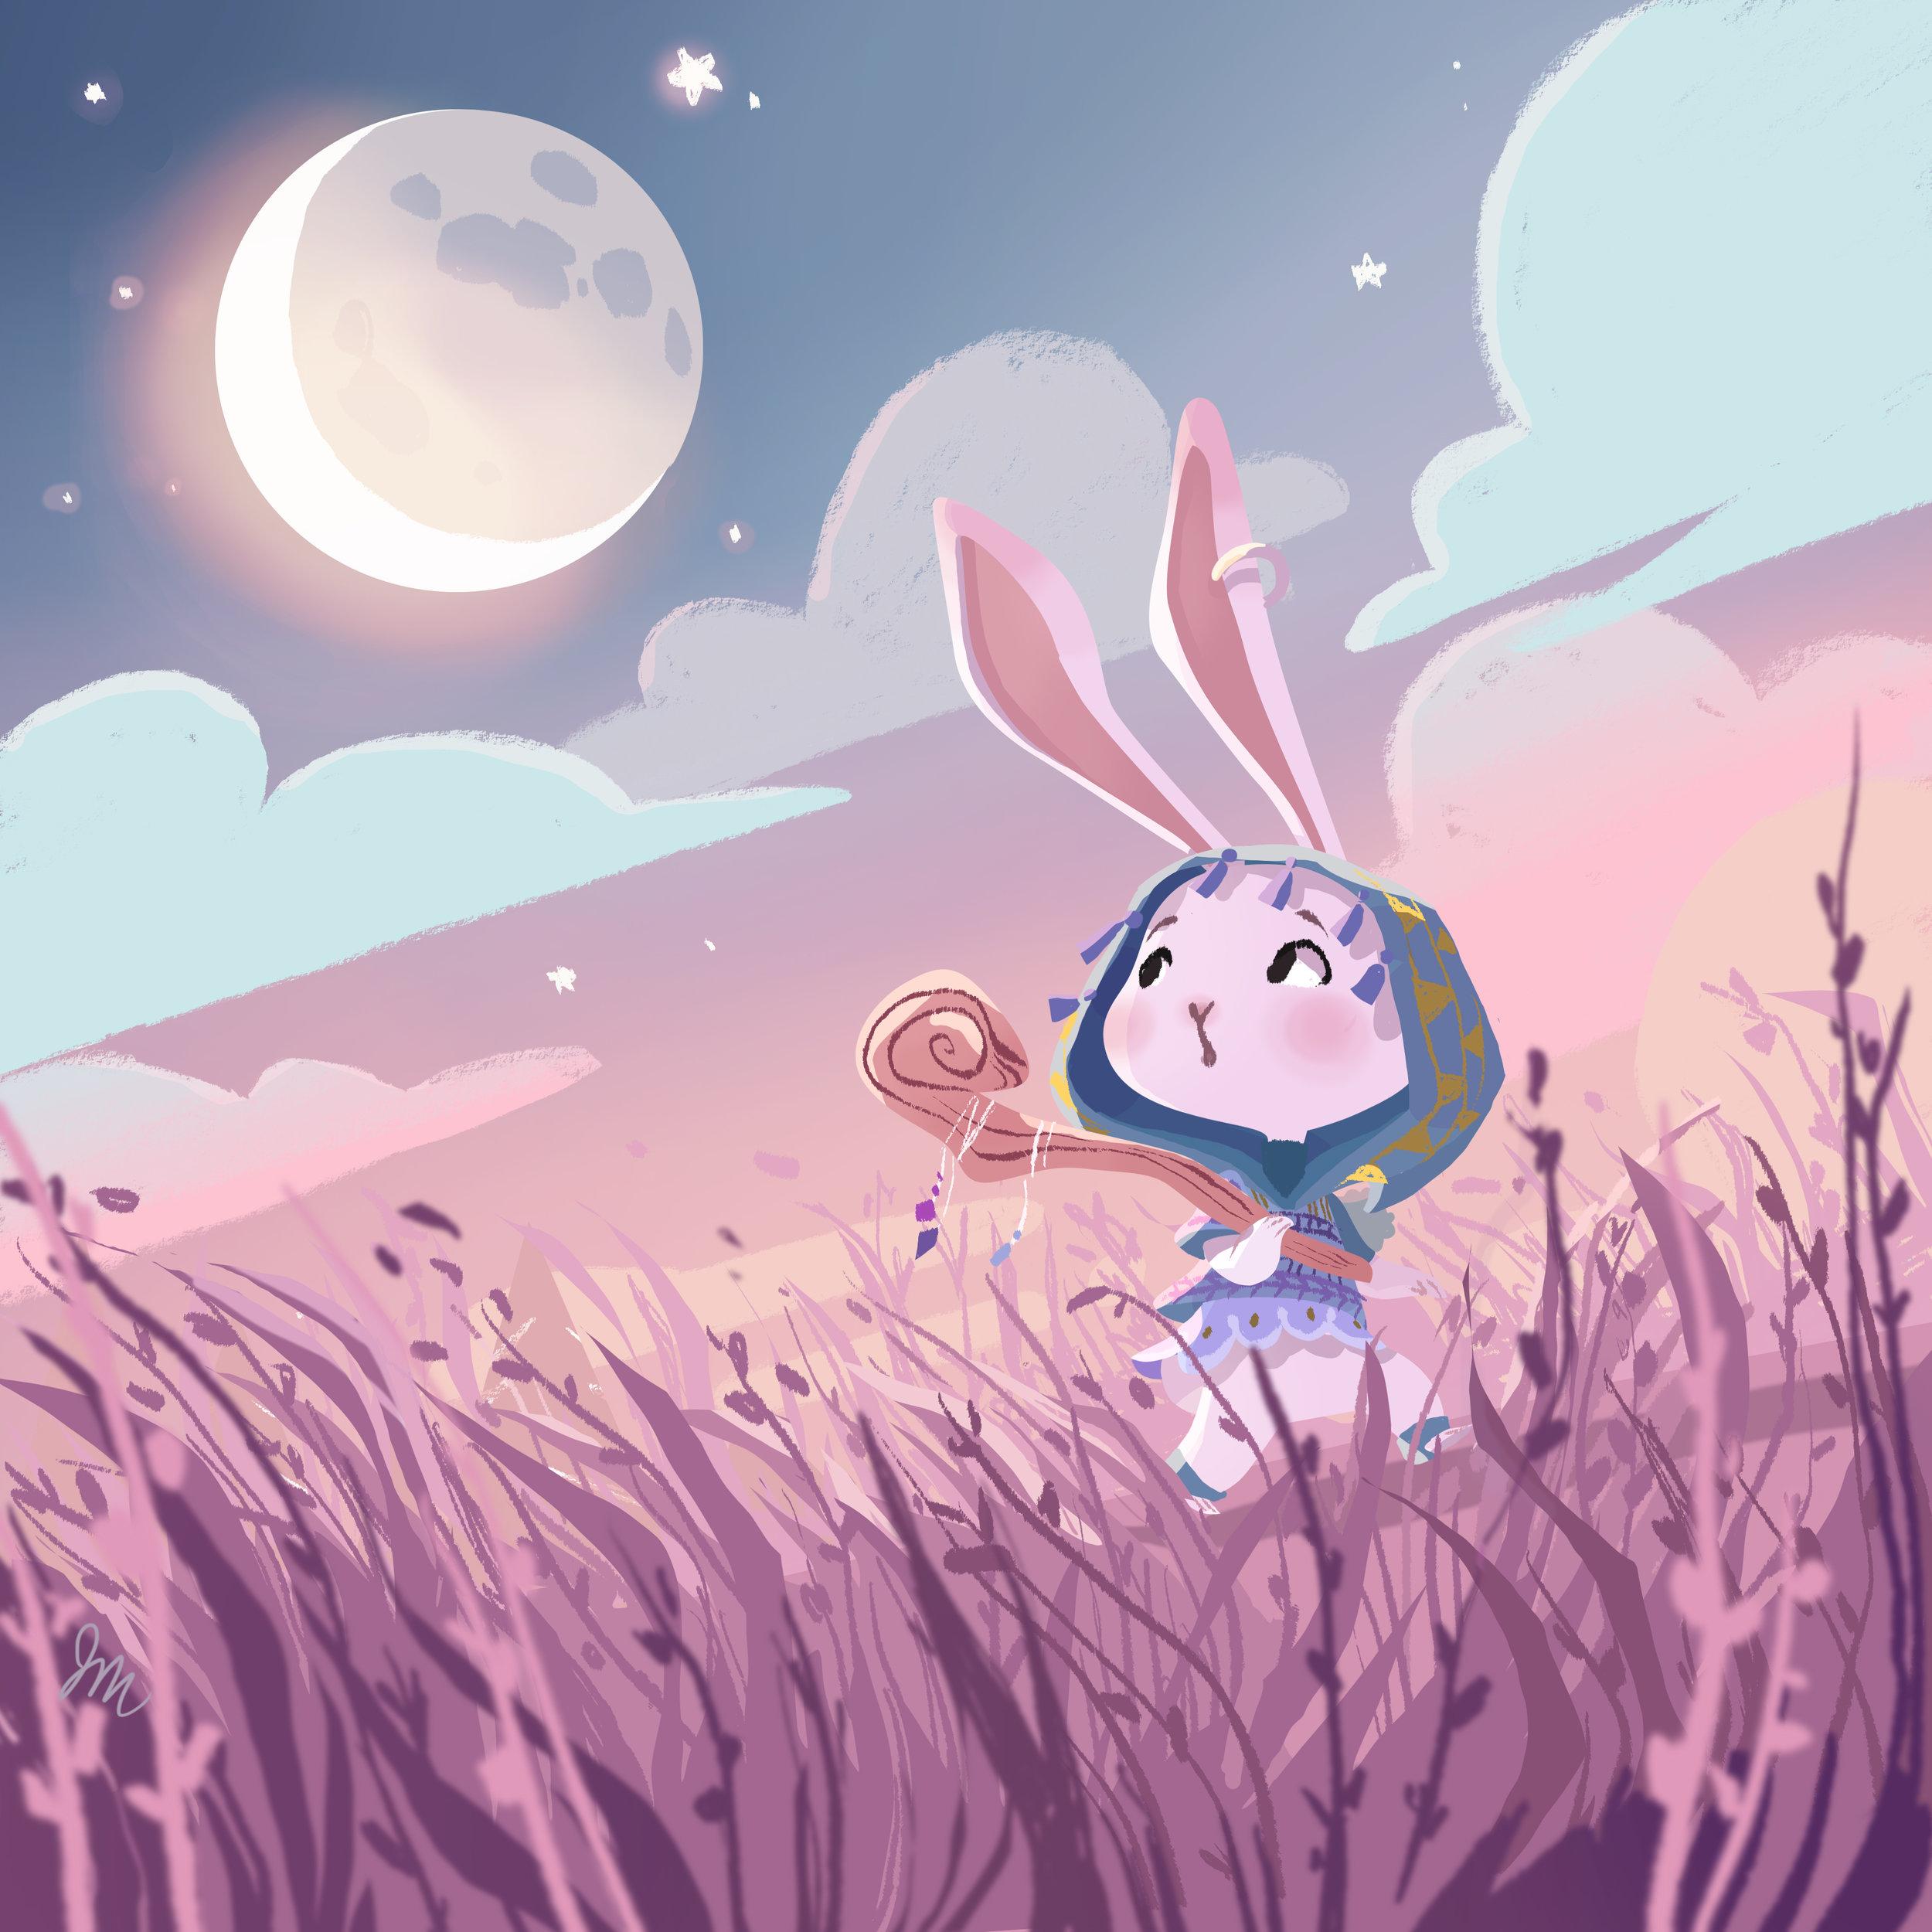 moonlight2.jpg